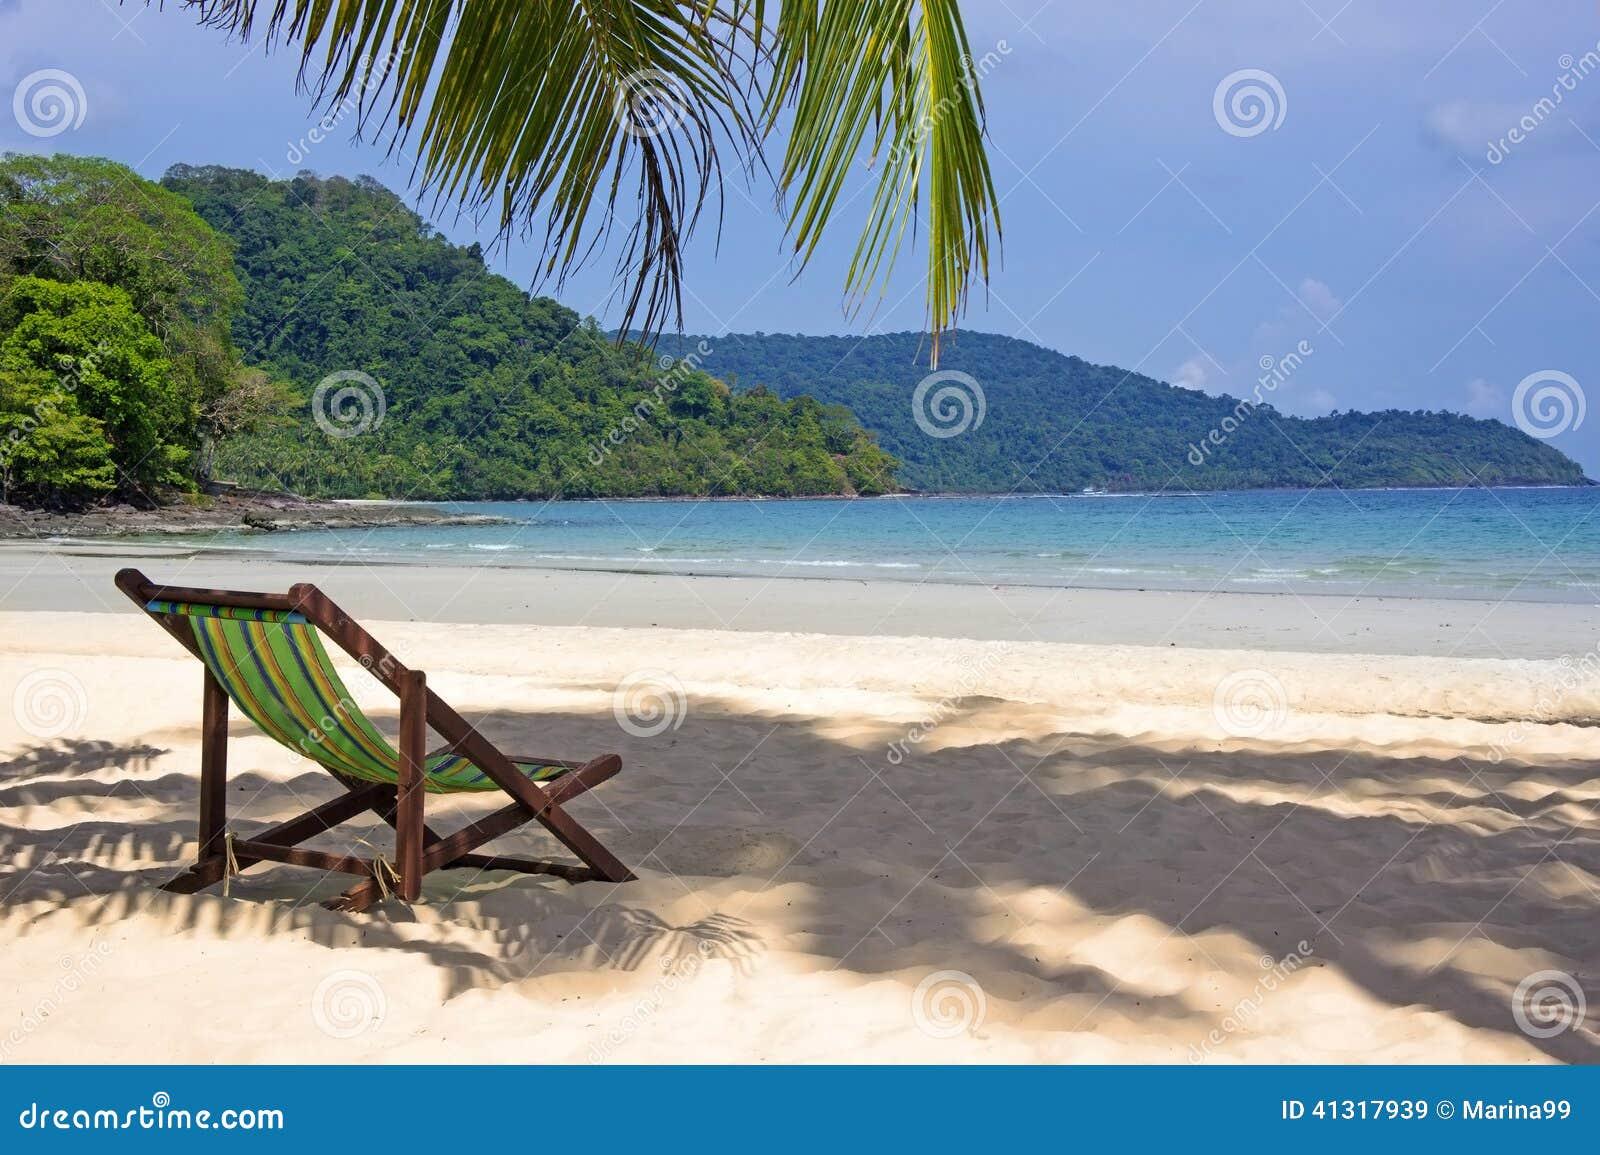 Tropical Beach Chairs Tropical Beach....